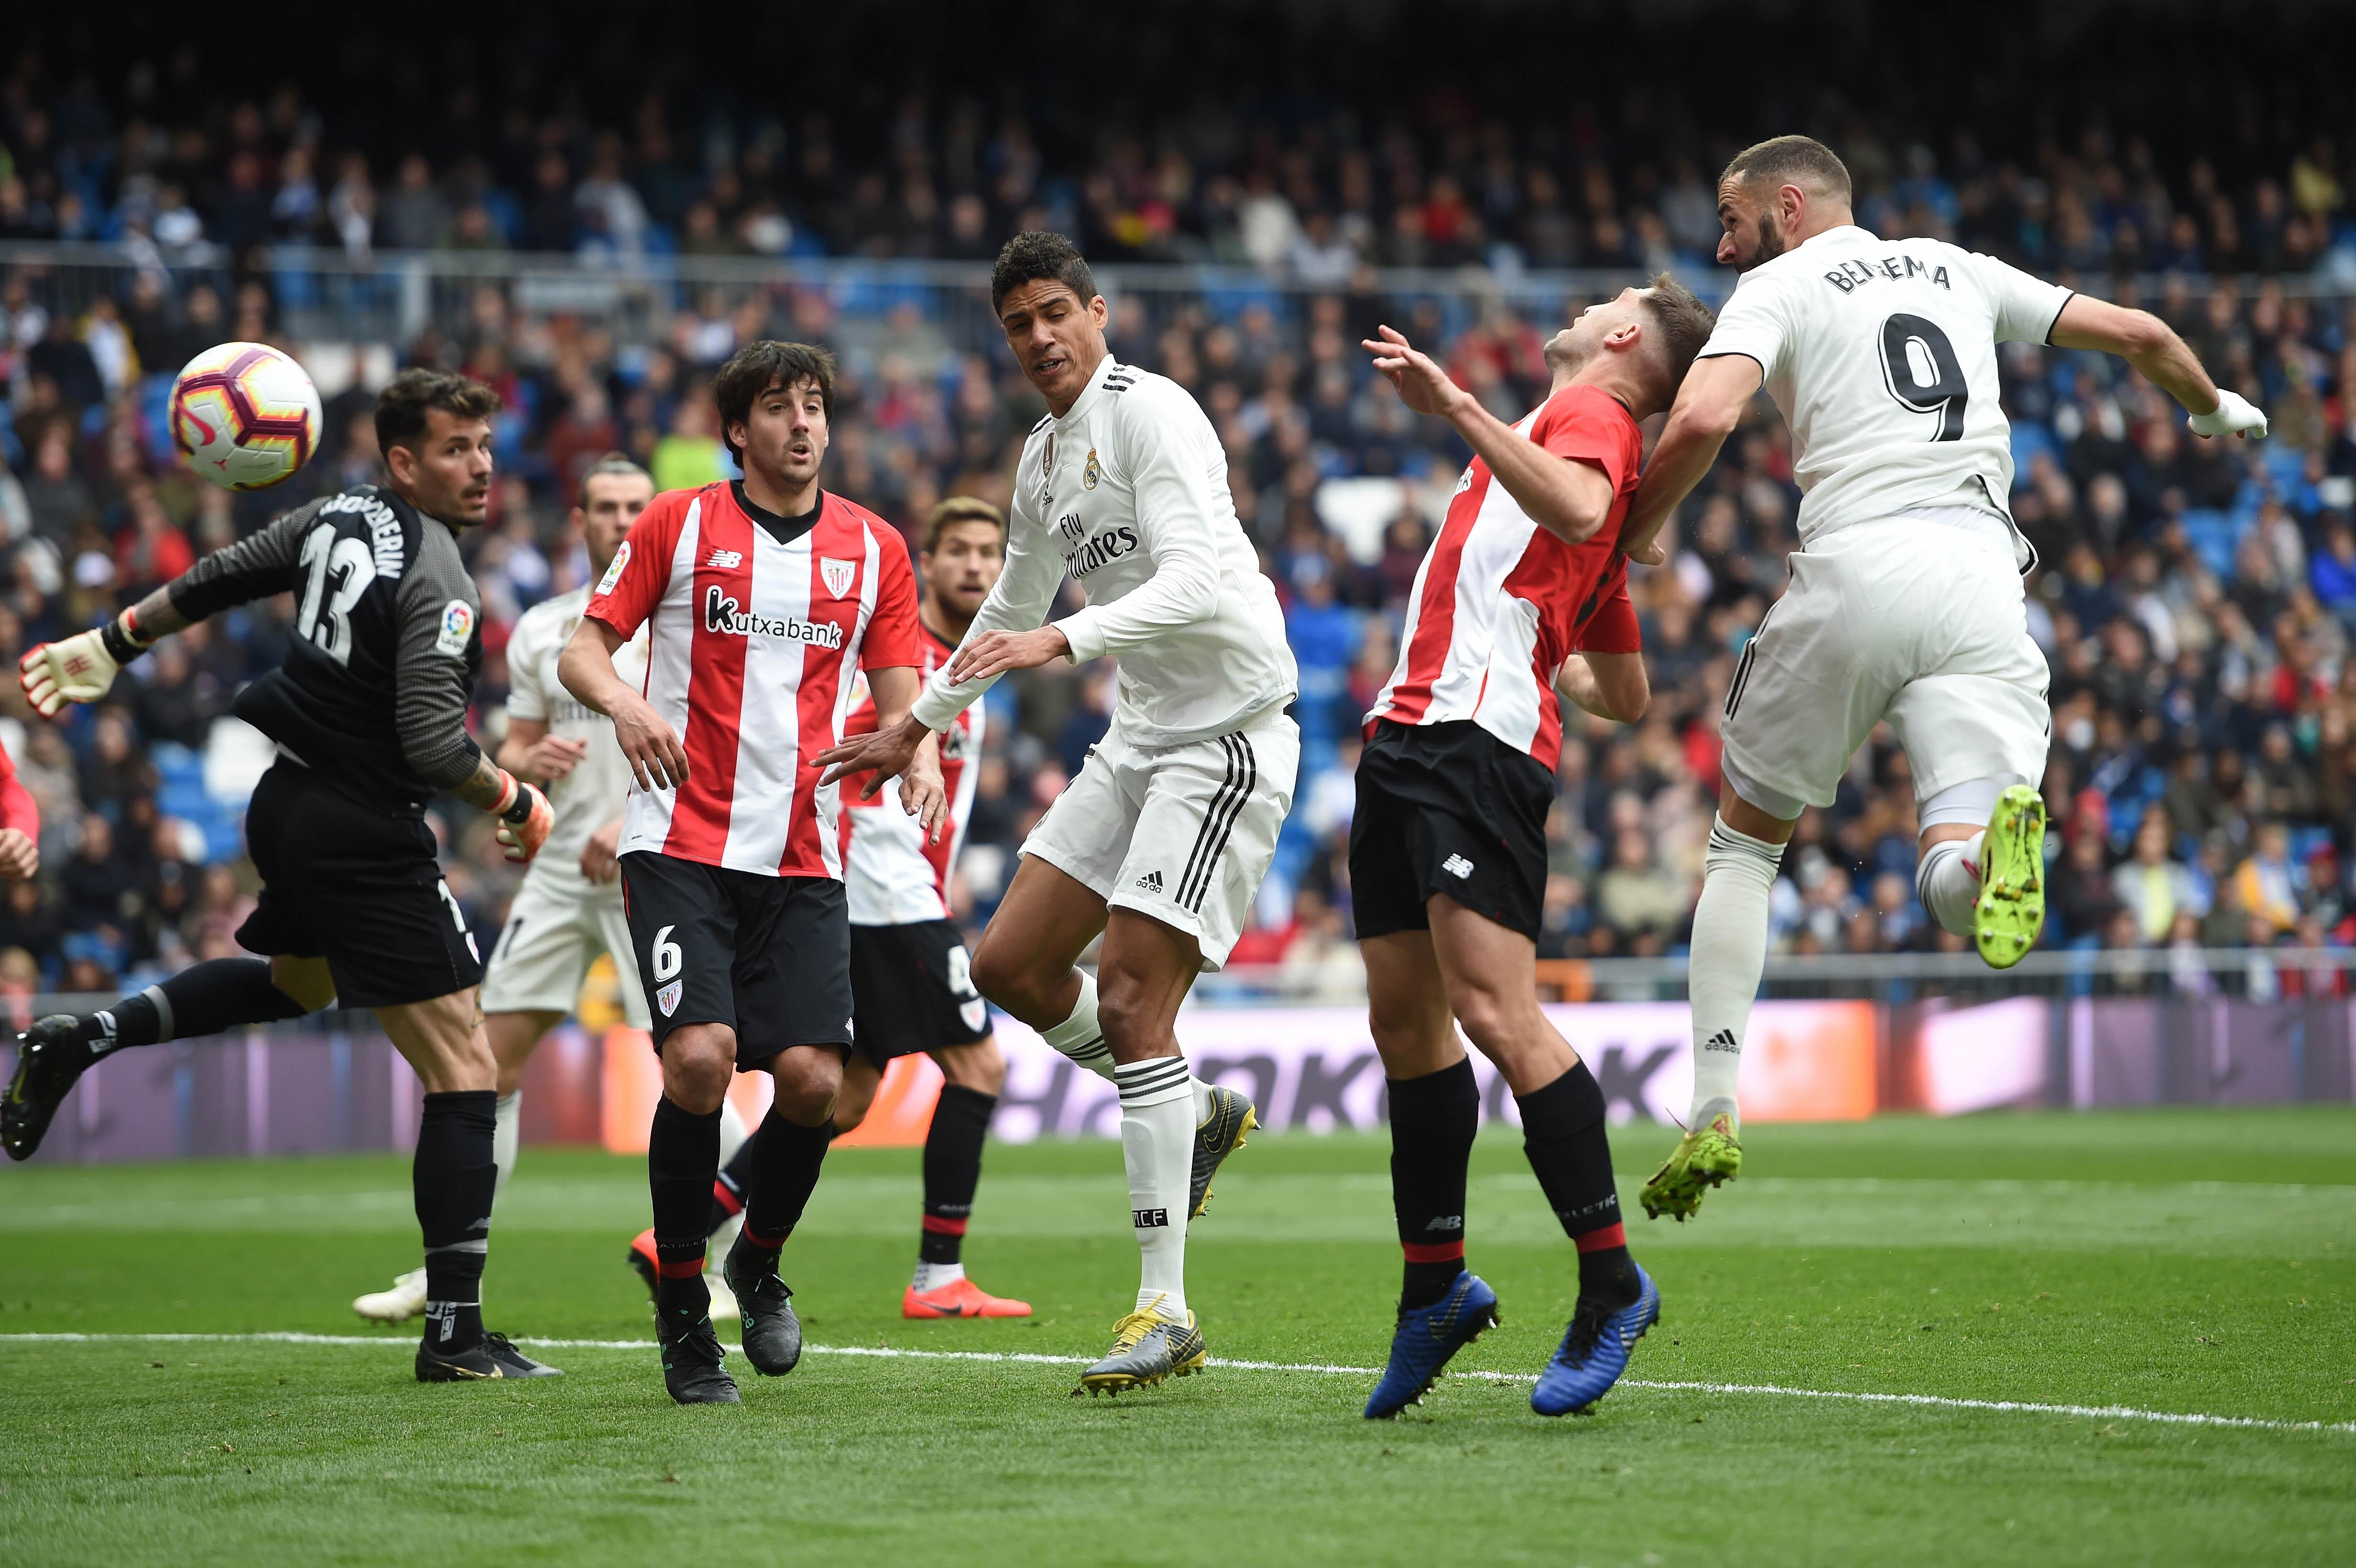 Треньорът на Реал Мадрид Зинедин Зидан нарече сънародника си Карим